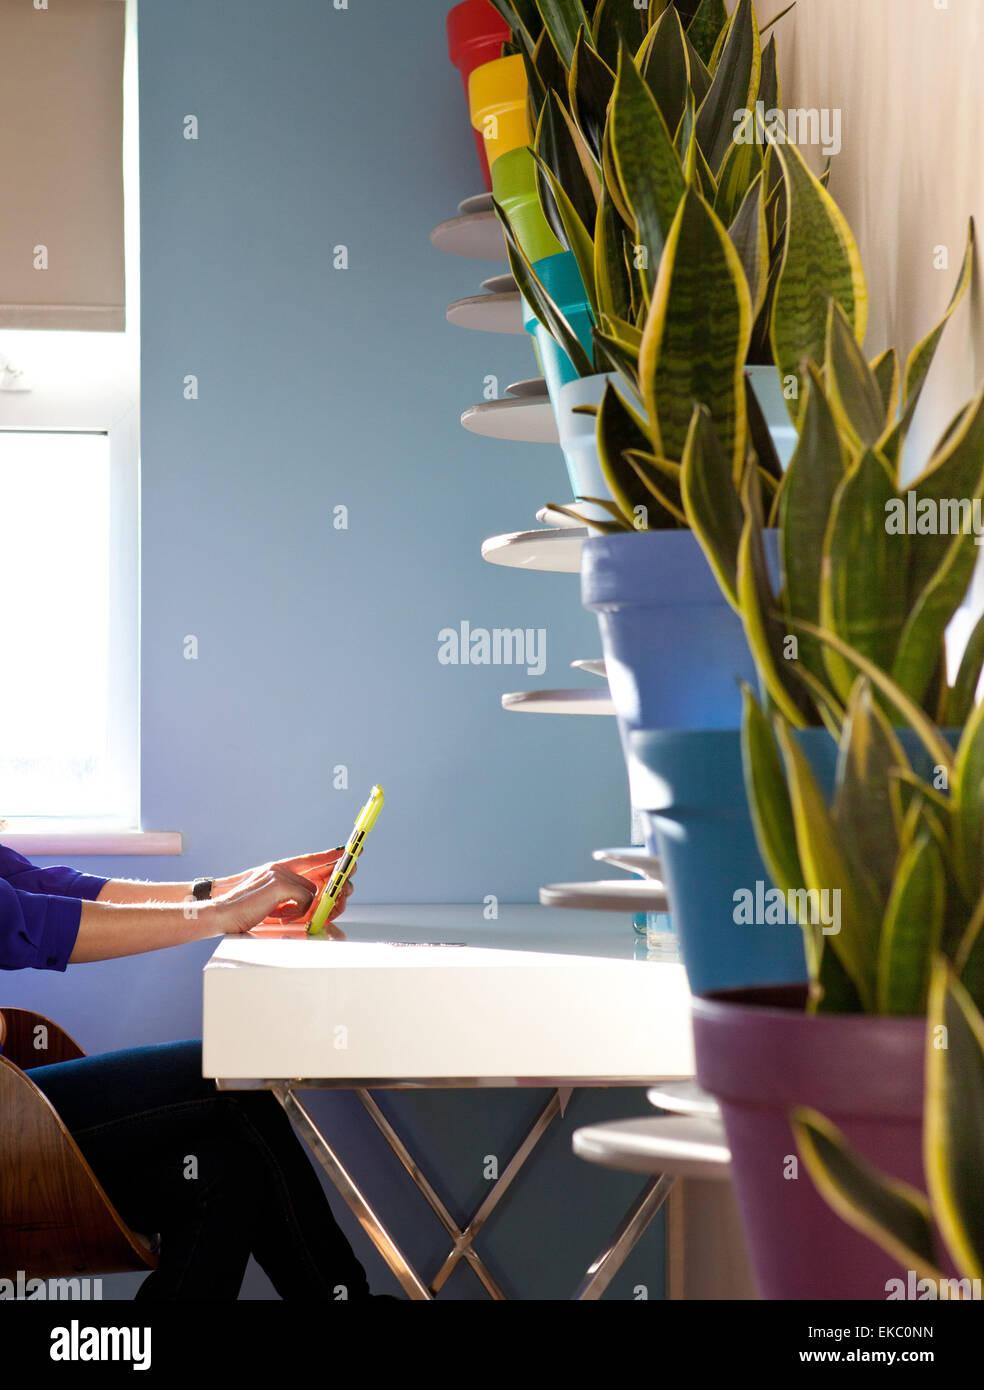 Schuss von Frau mit digital-Tablette vor diagonalen Reihe von Topfpflanzen beschnitten Stockbild